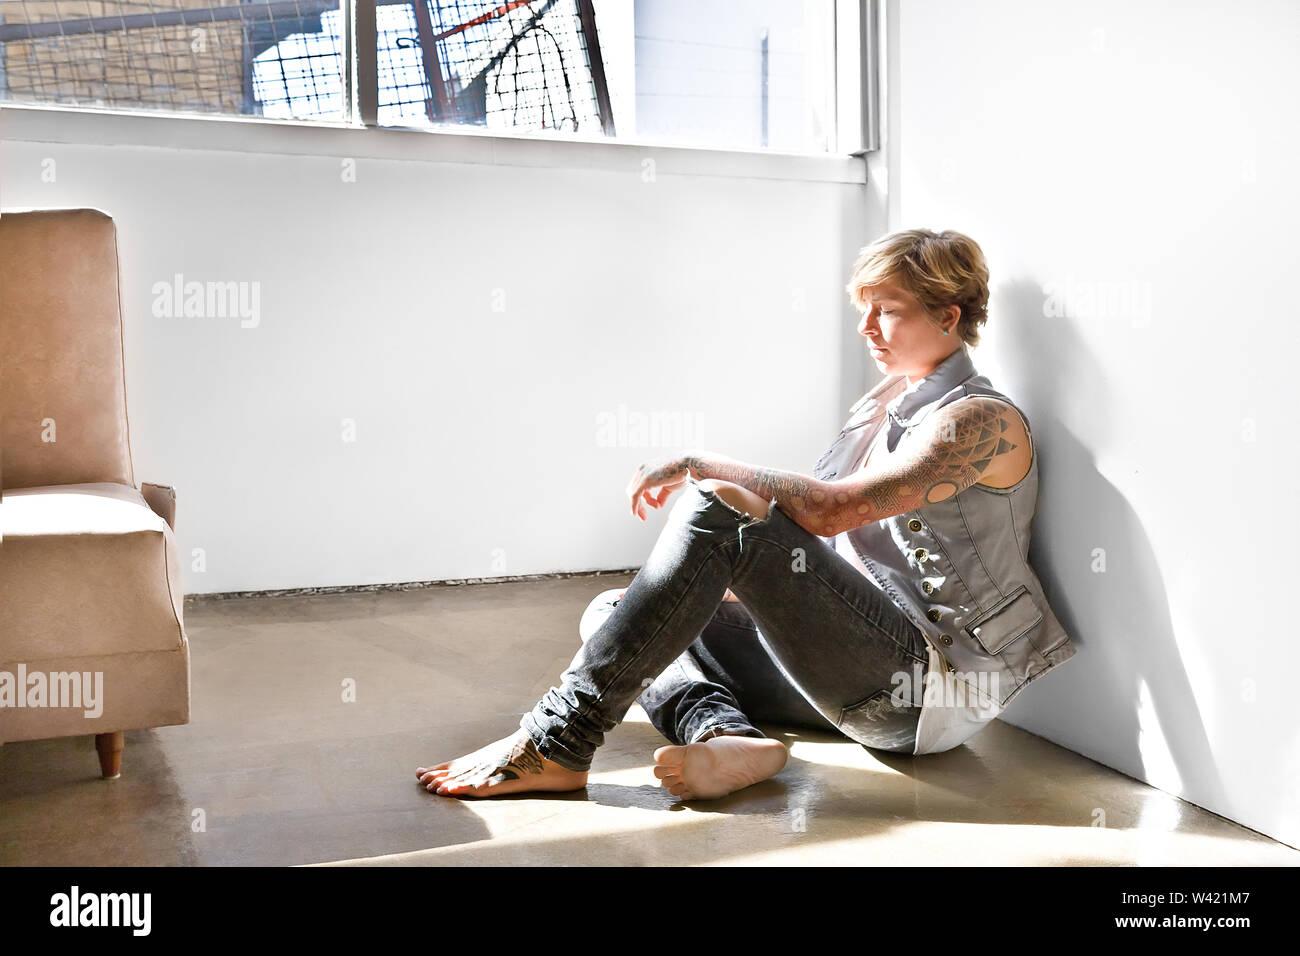 Jeune femme aux cheveux couleur d'or avec des tatouages sur le corps assis sur le plancher à l'intérieur d'une chambre, près de la fenêtre Photo Stock